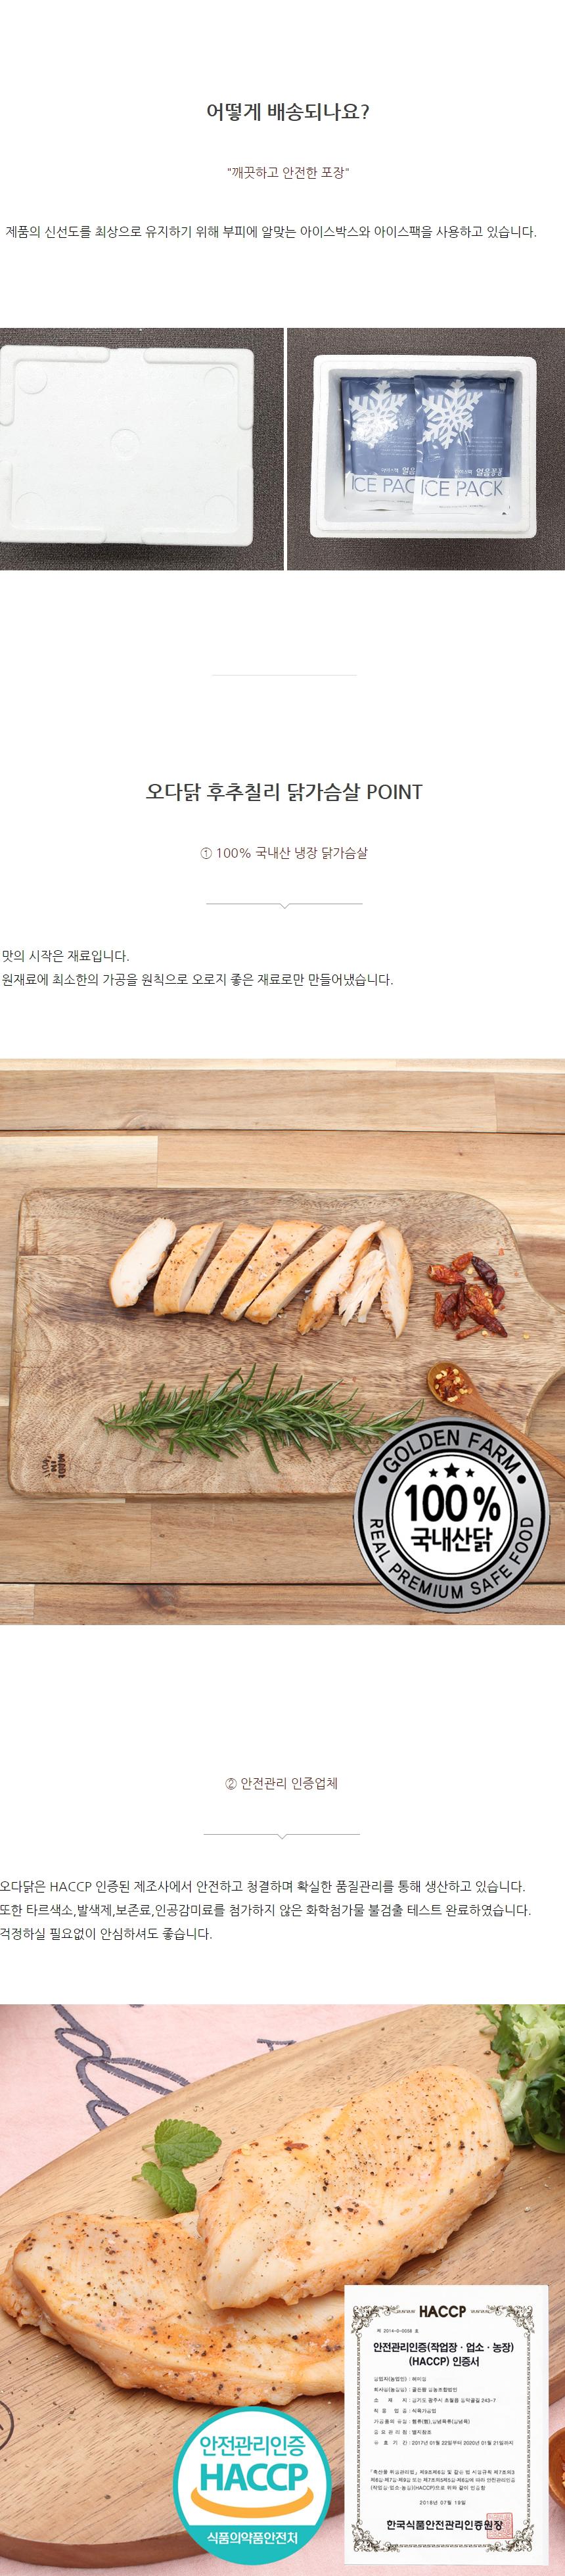 오다닭 닭가슴살 후추칠리 100g 90팩 - 오다닭, 151,850원, 간편조리식품, 닭가슴살